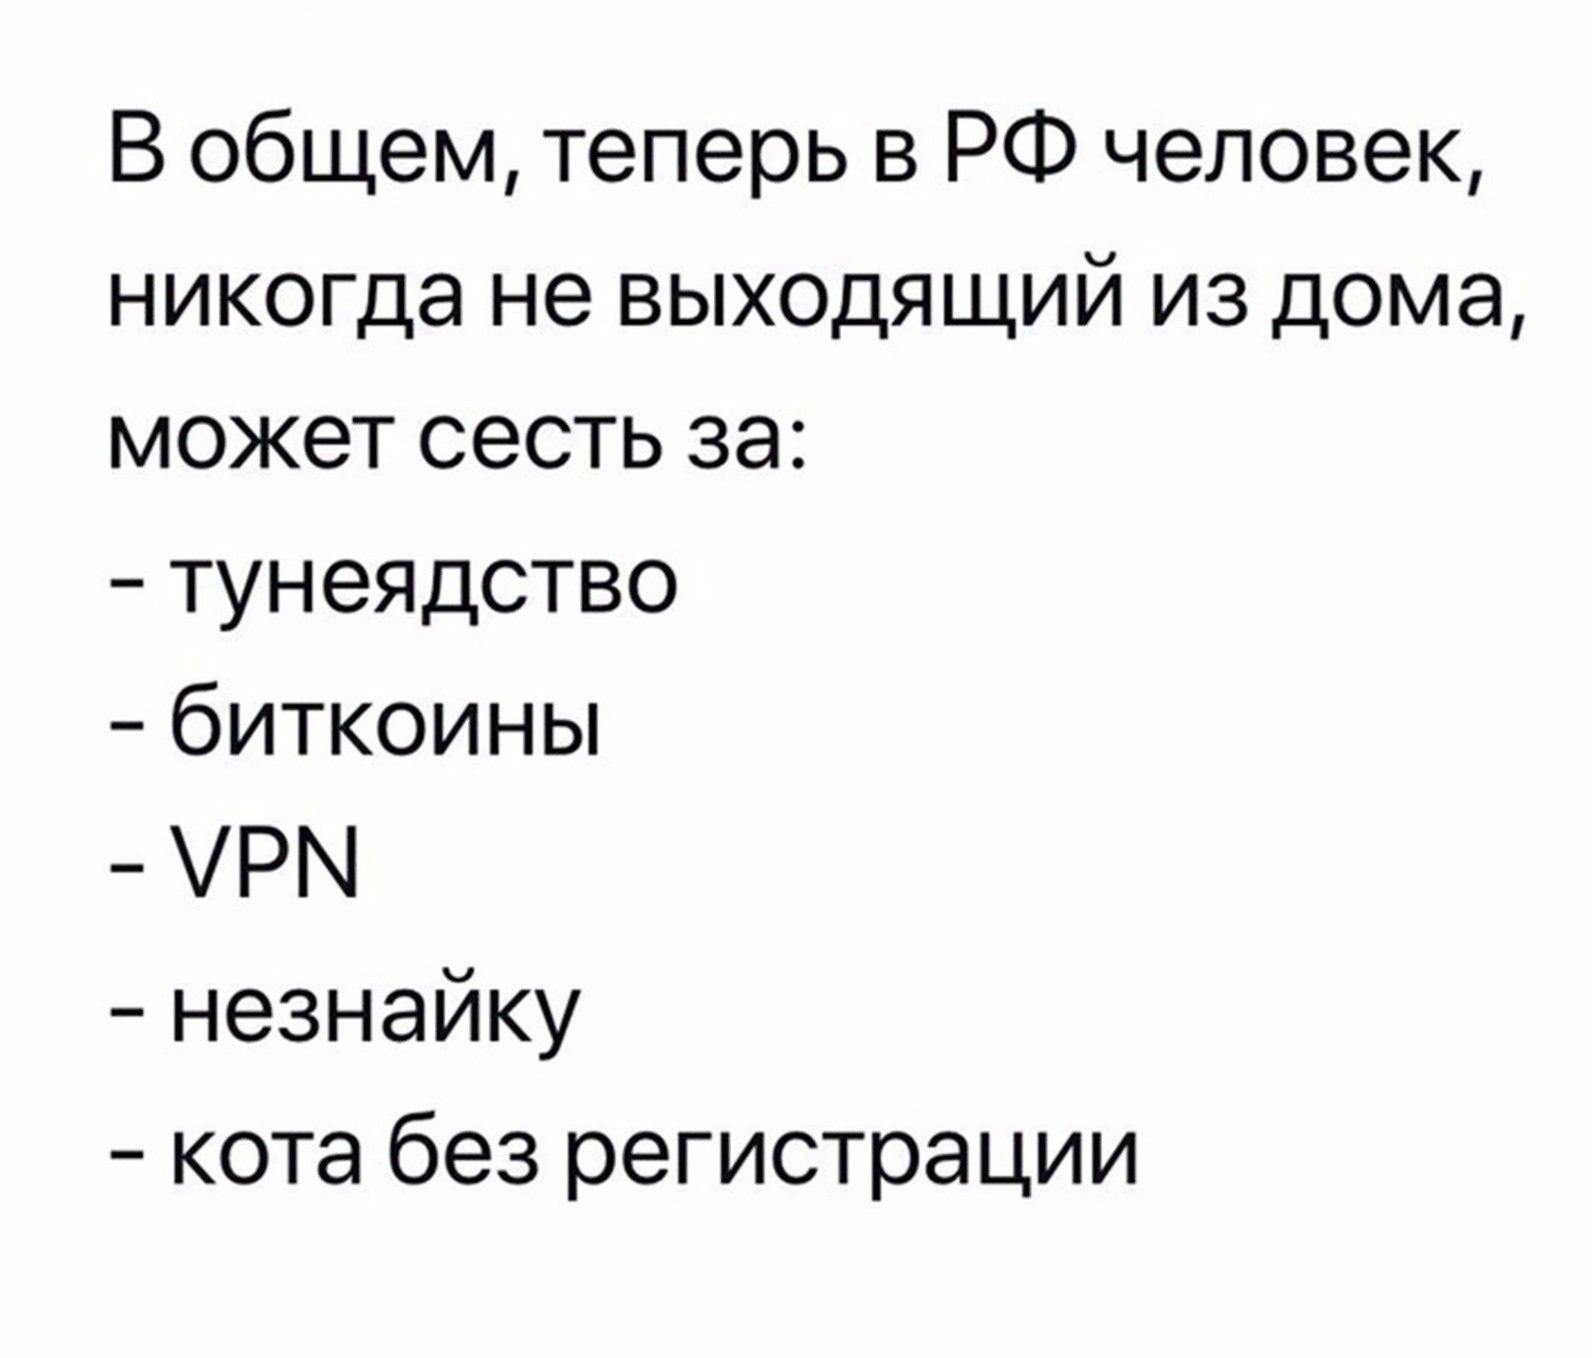 https://pp.userapi.com/c639229/v639229569/5495a/4U0Turc8dfU.jpg